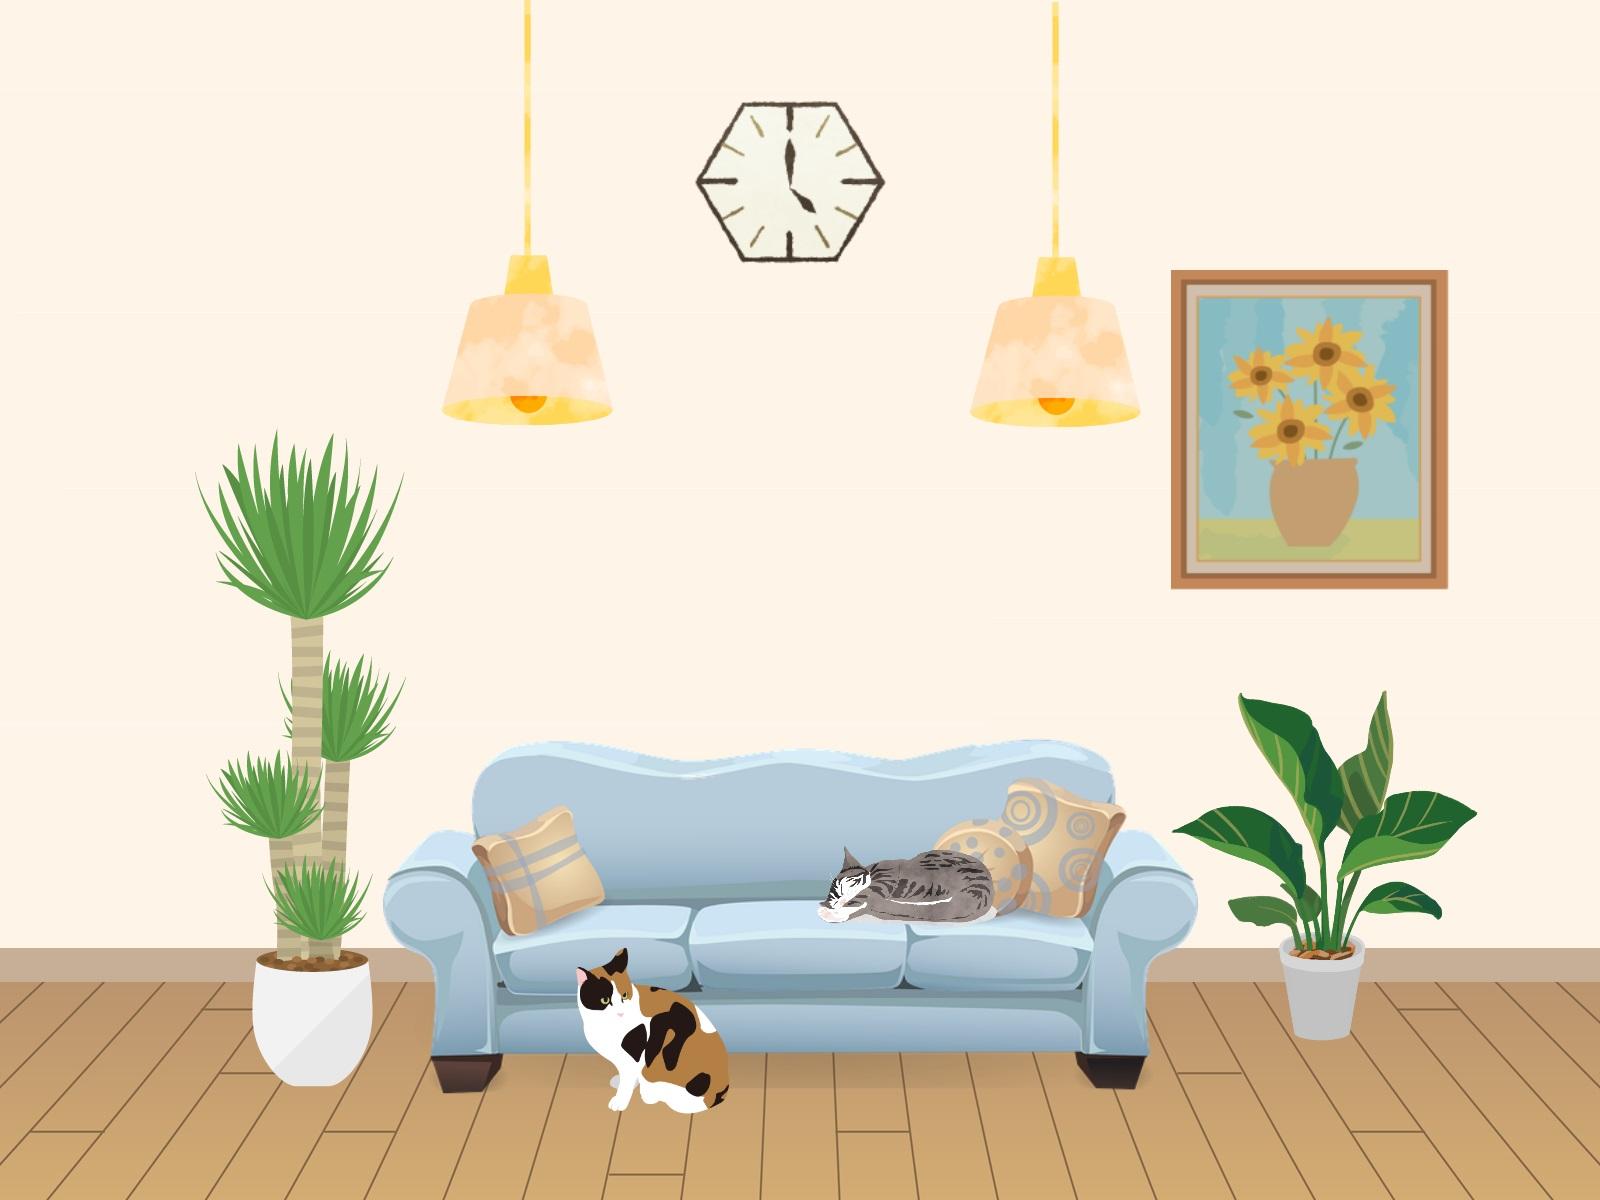 ソファーで二匹の猫がくつろいでいるイラスト